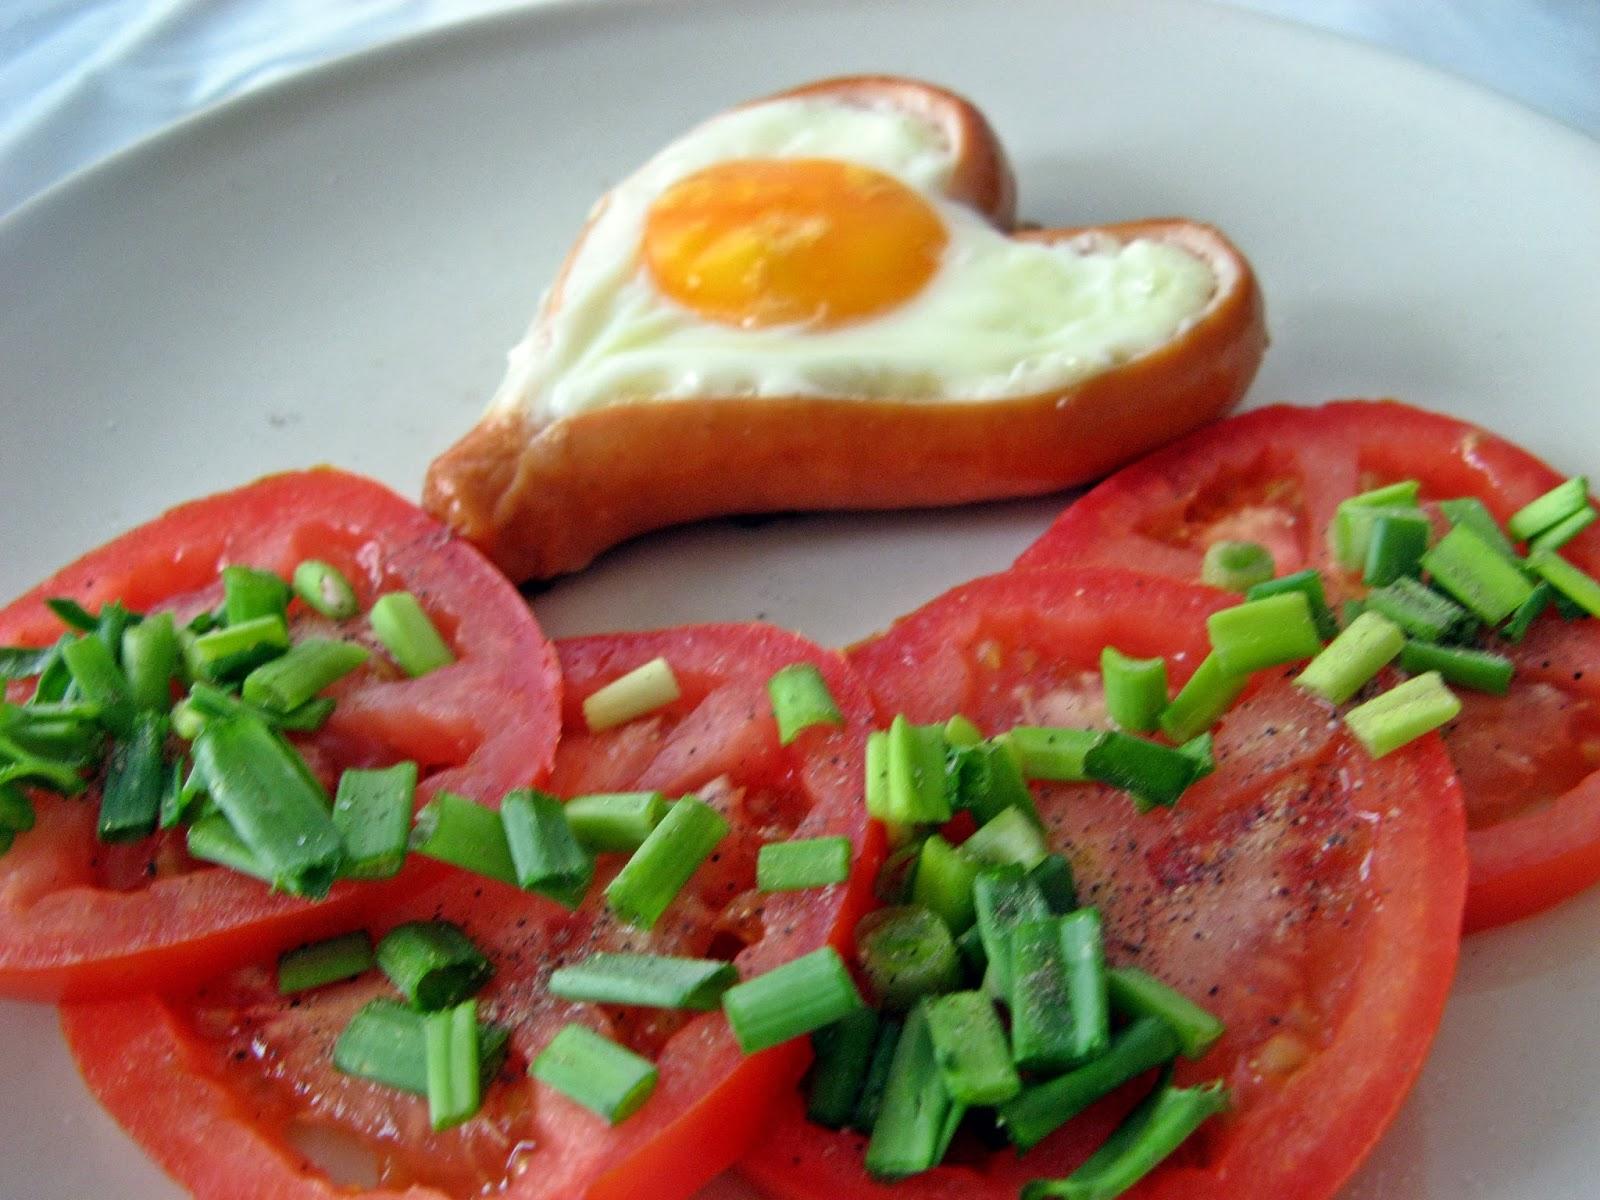 IMG 9203 - Śniadaniowe serduszka z parówki i jajka